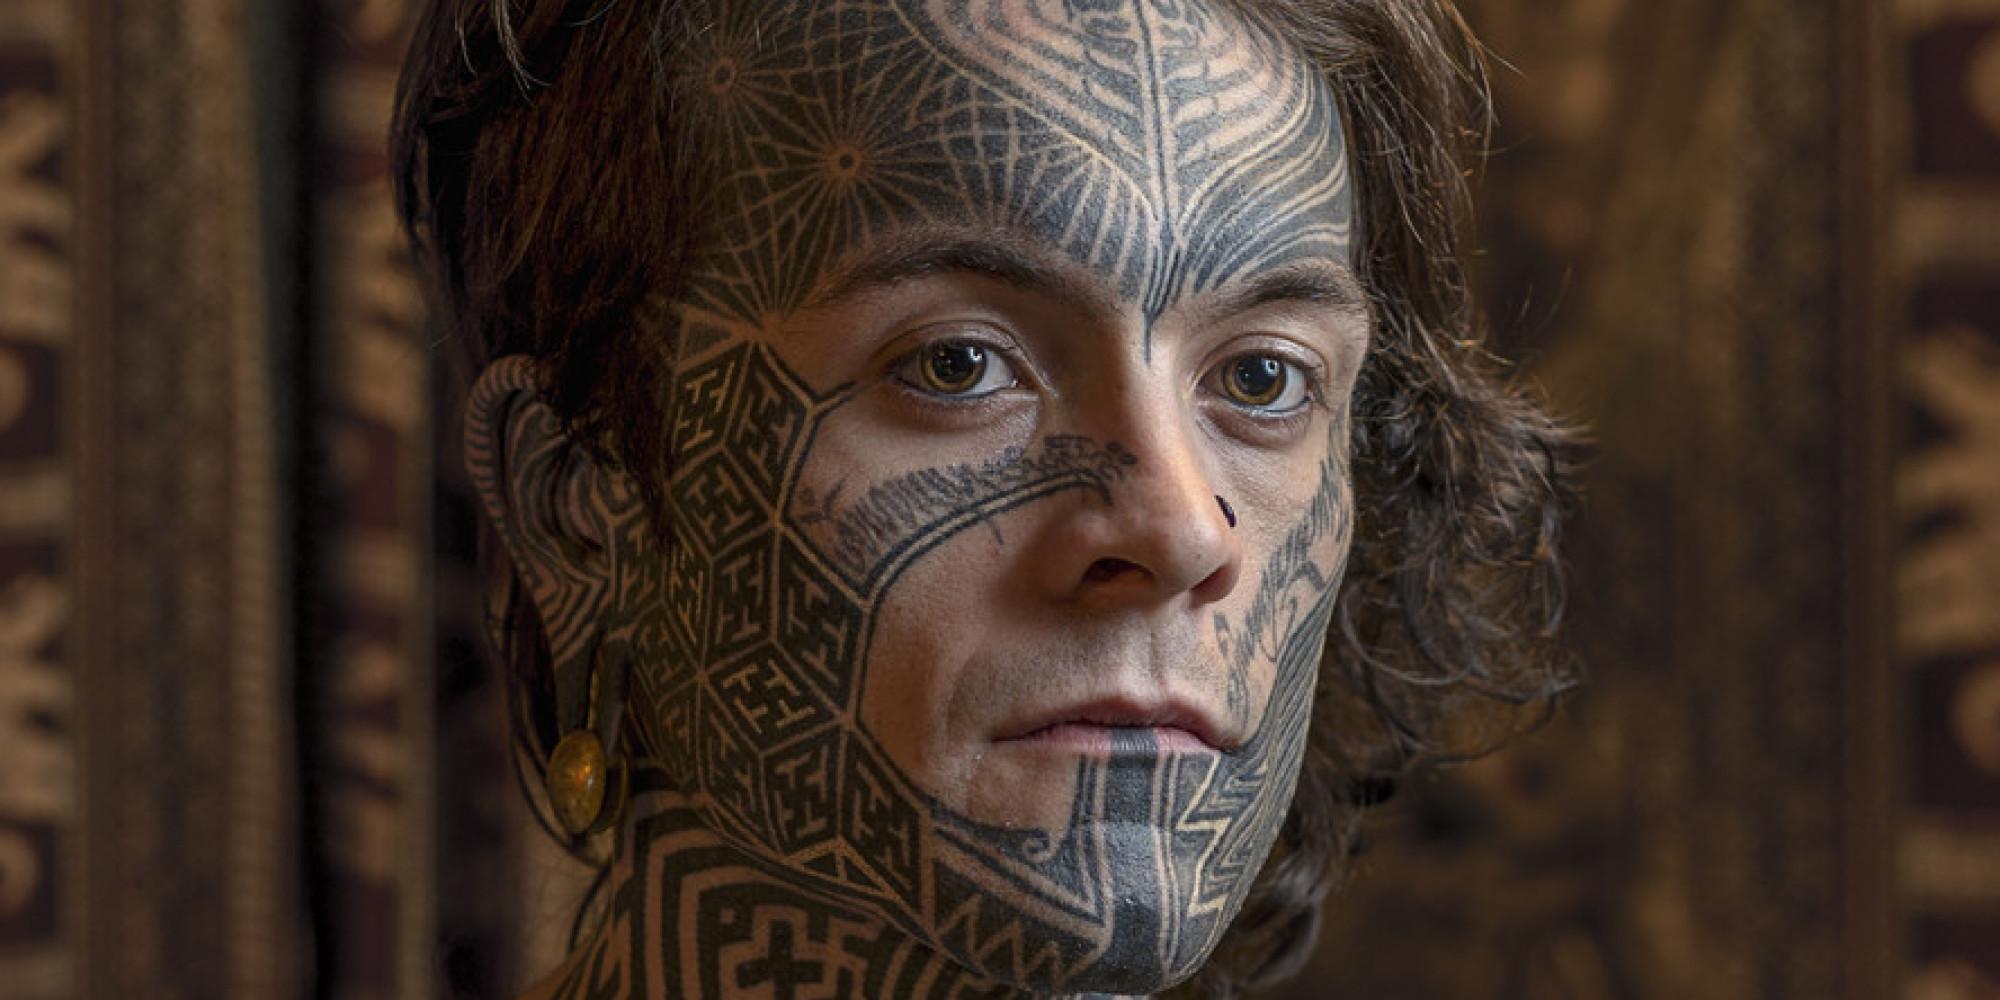 photos tatouage sur le visage les portraits saisissants de mark leaver. Black Bedroom Furniture Sets. Home Design Ideas